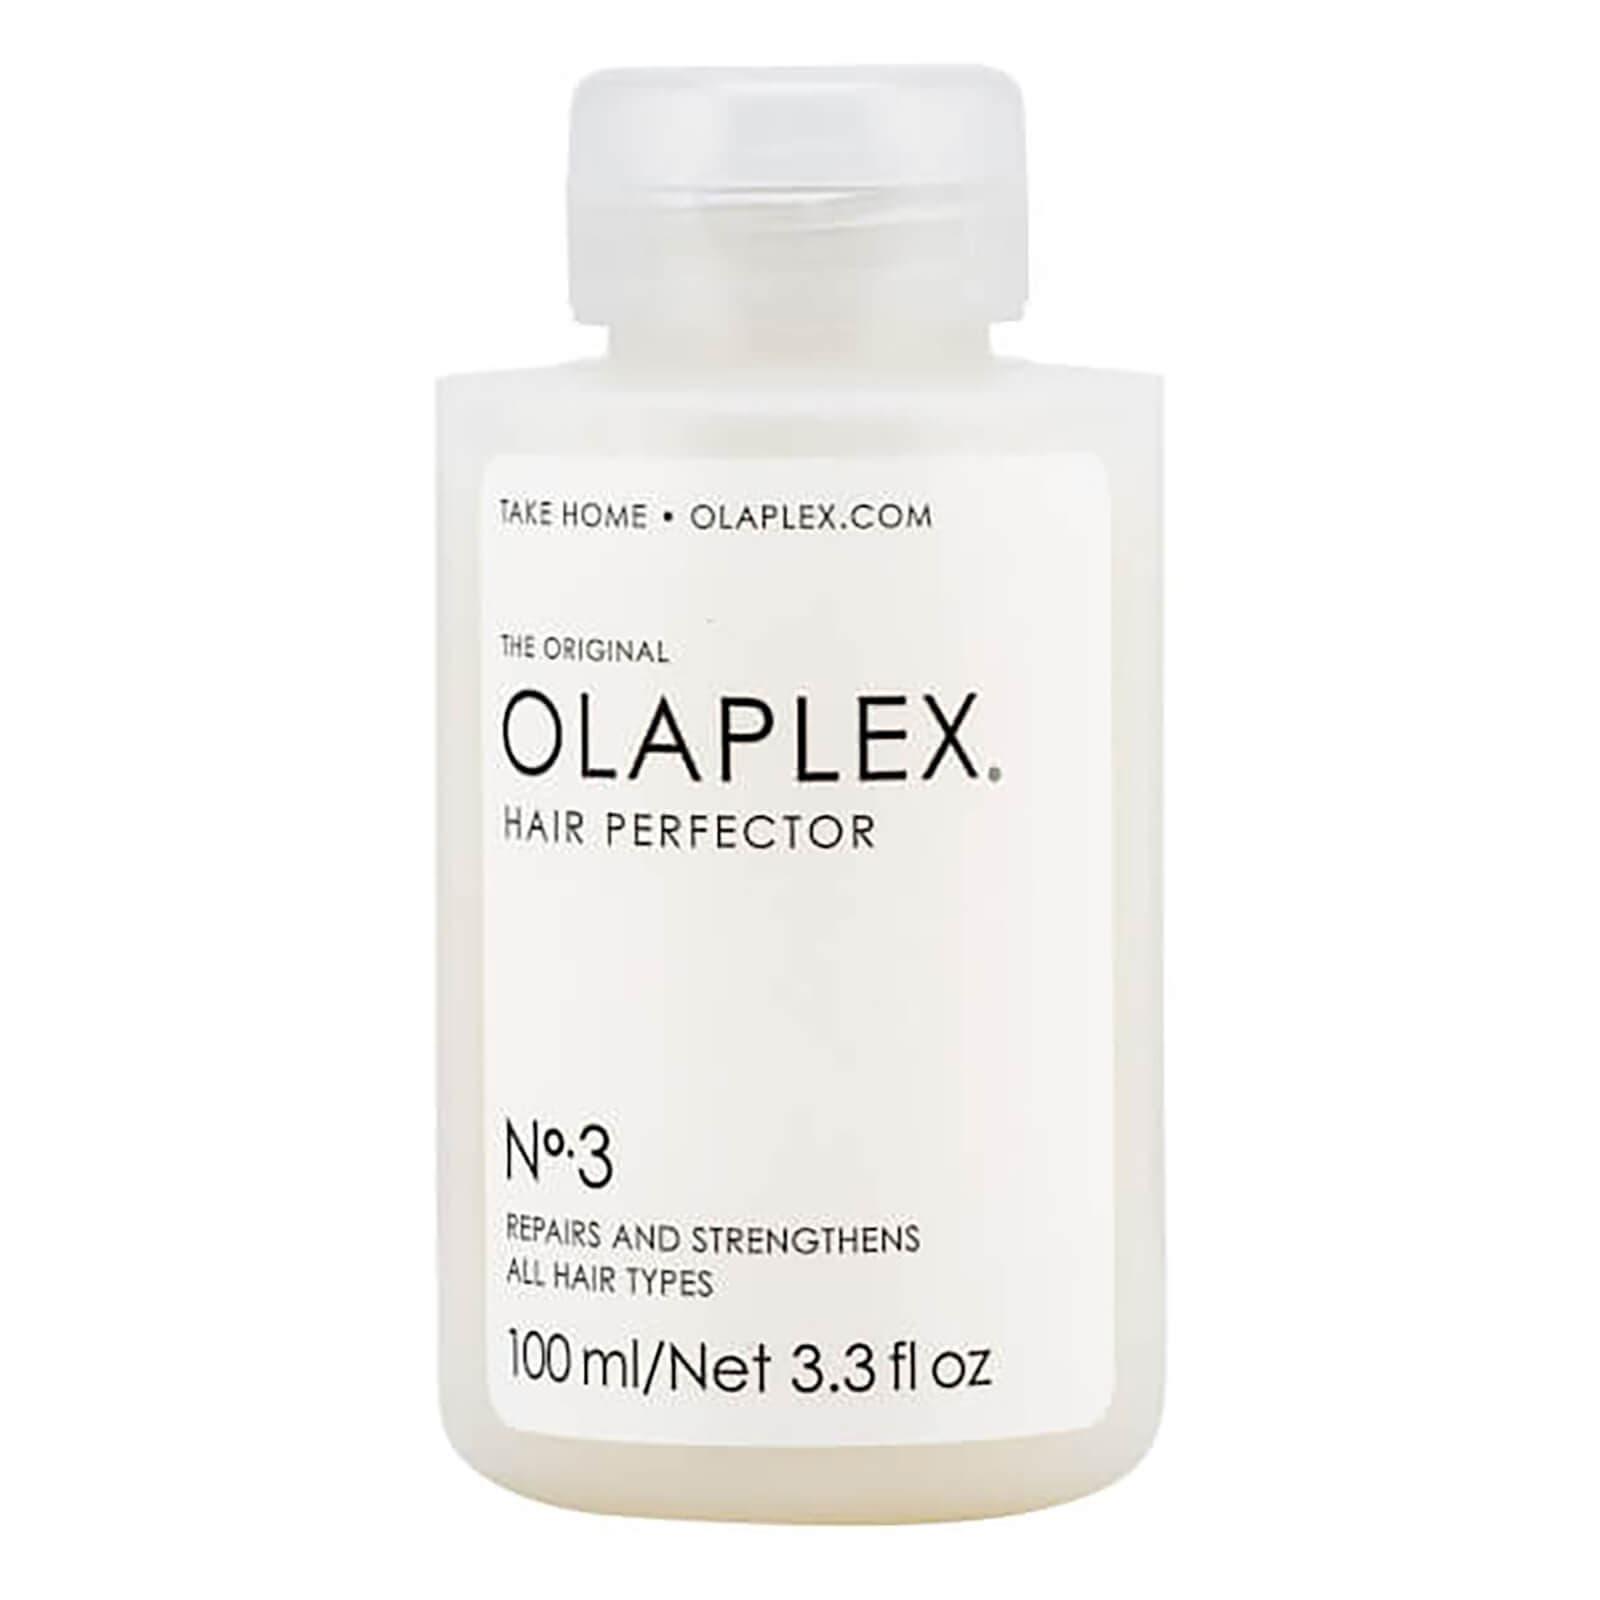 Olaplex Hair Perfector No 3 Hair Treatment Repairs 100ml